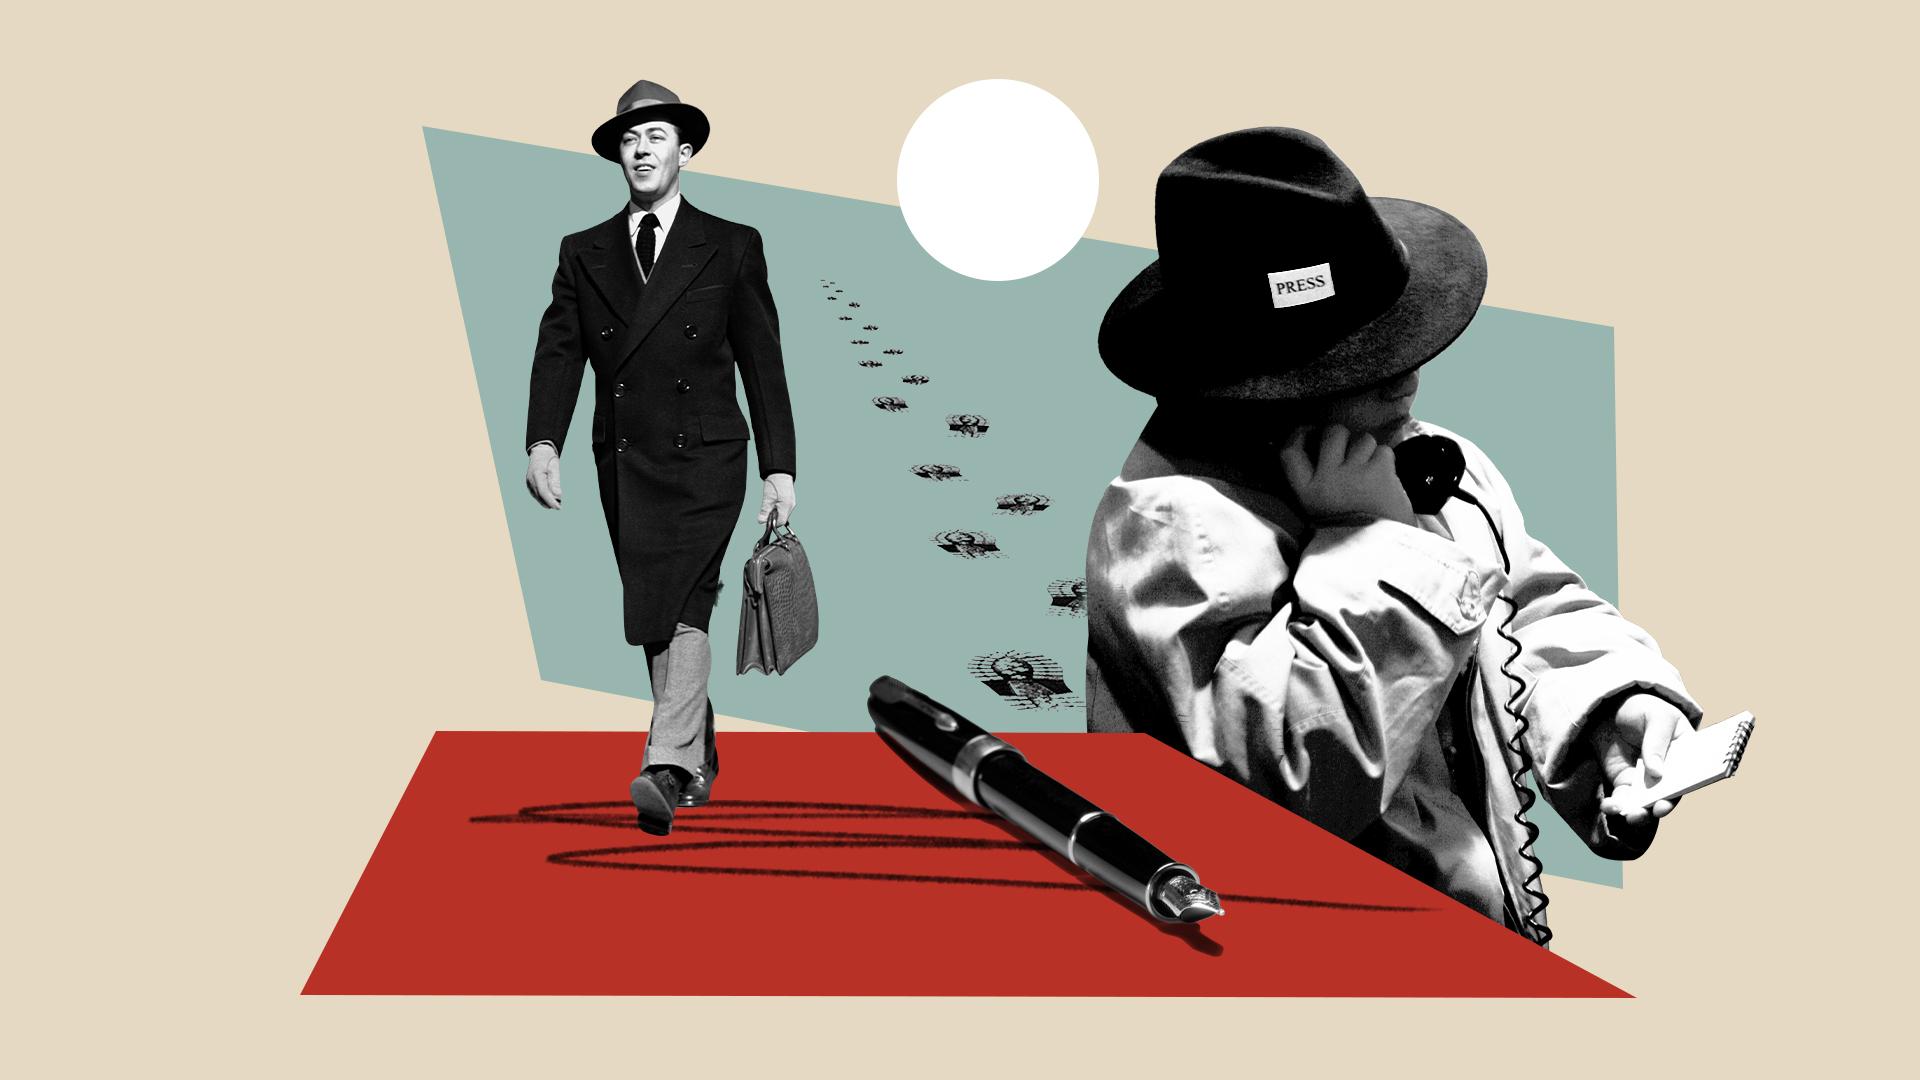 Imagen del editorial: señor con maletín